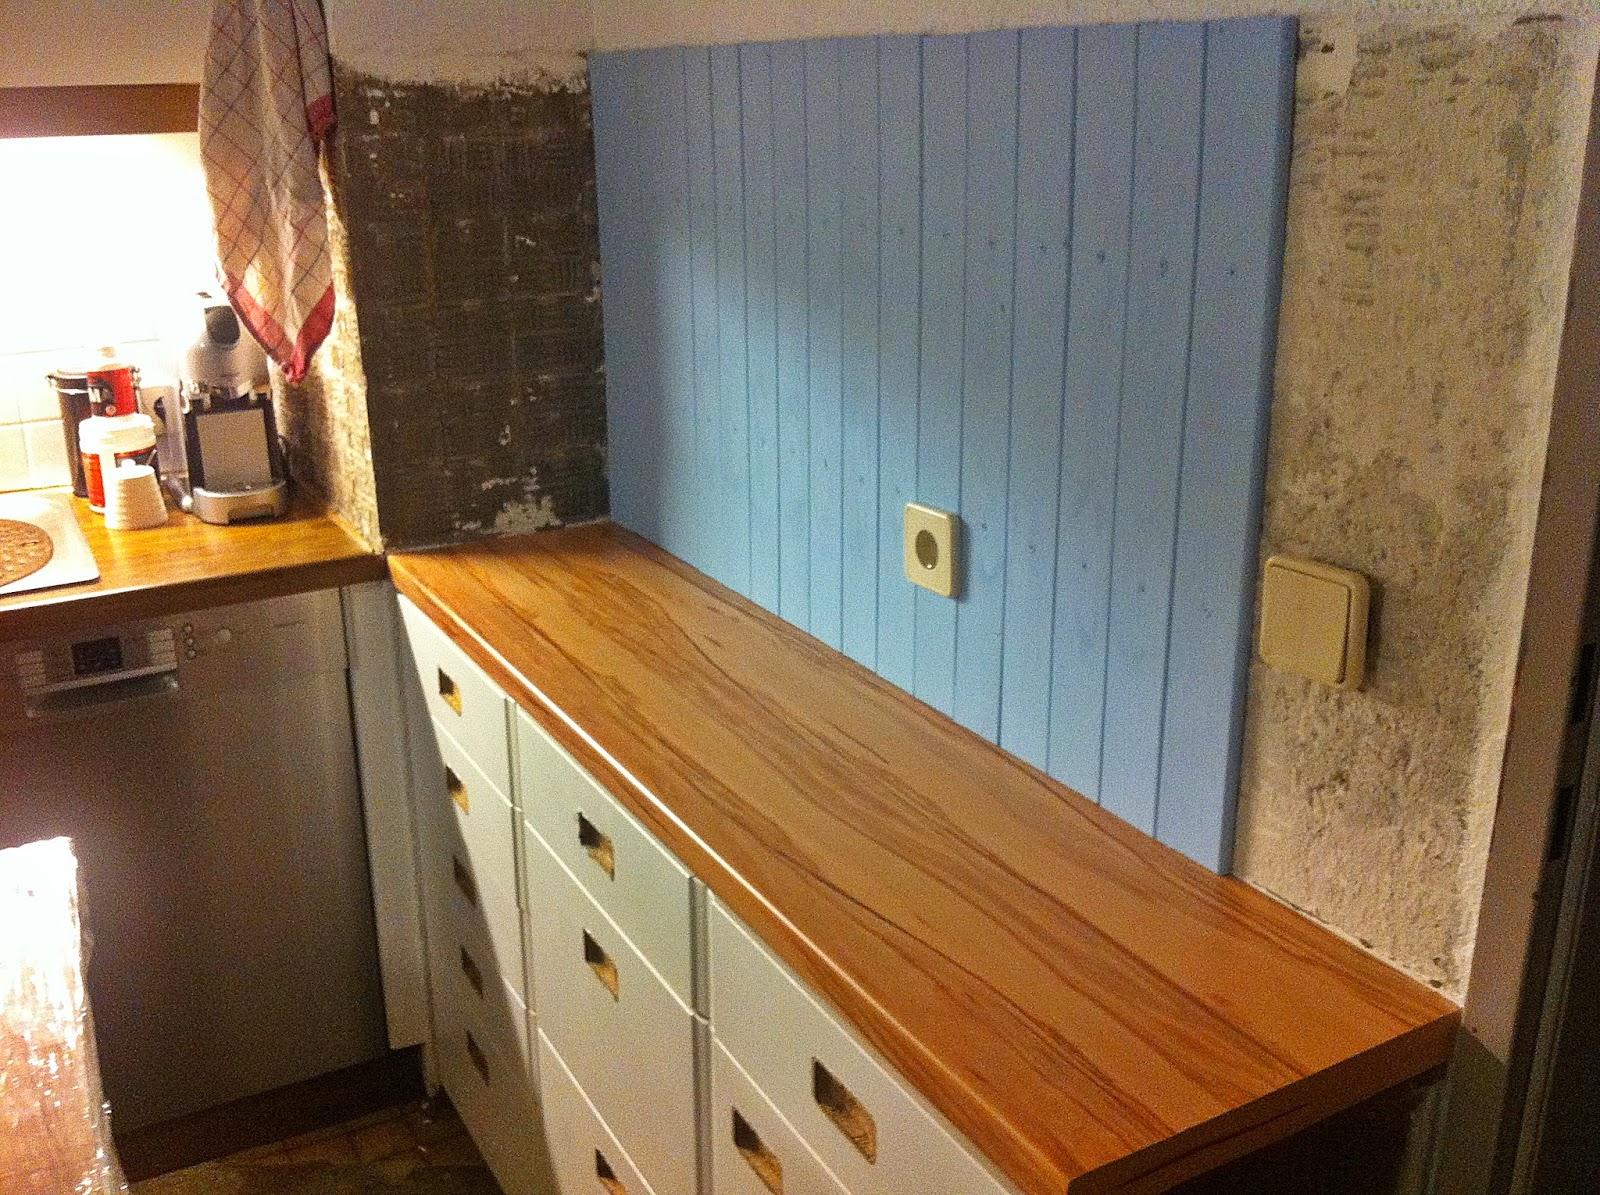 alte küche aufpeppen vorher nachher #3333 | made house decor